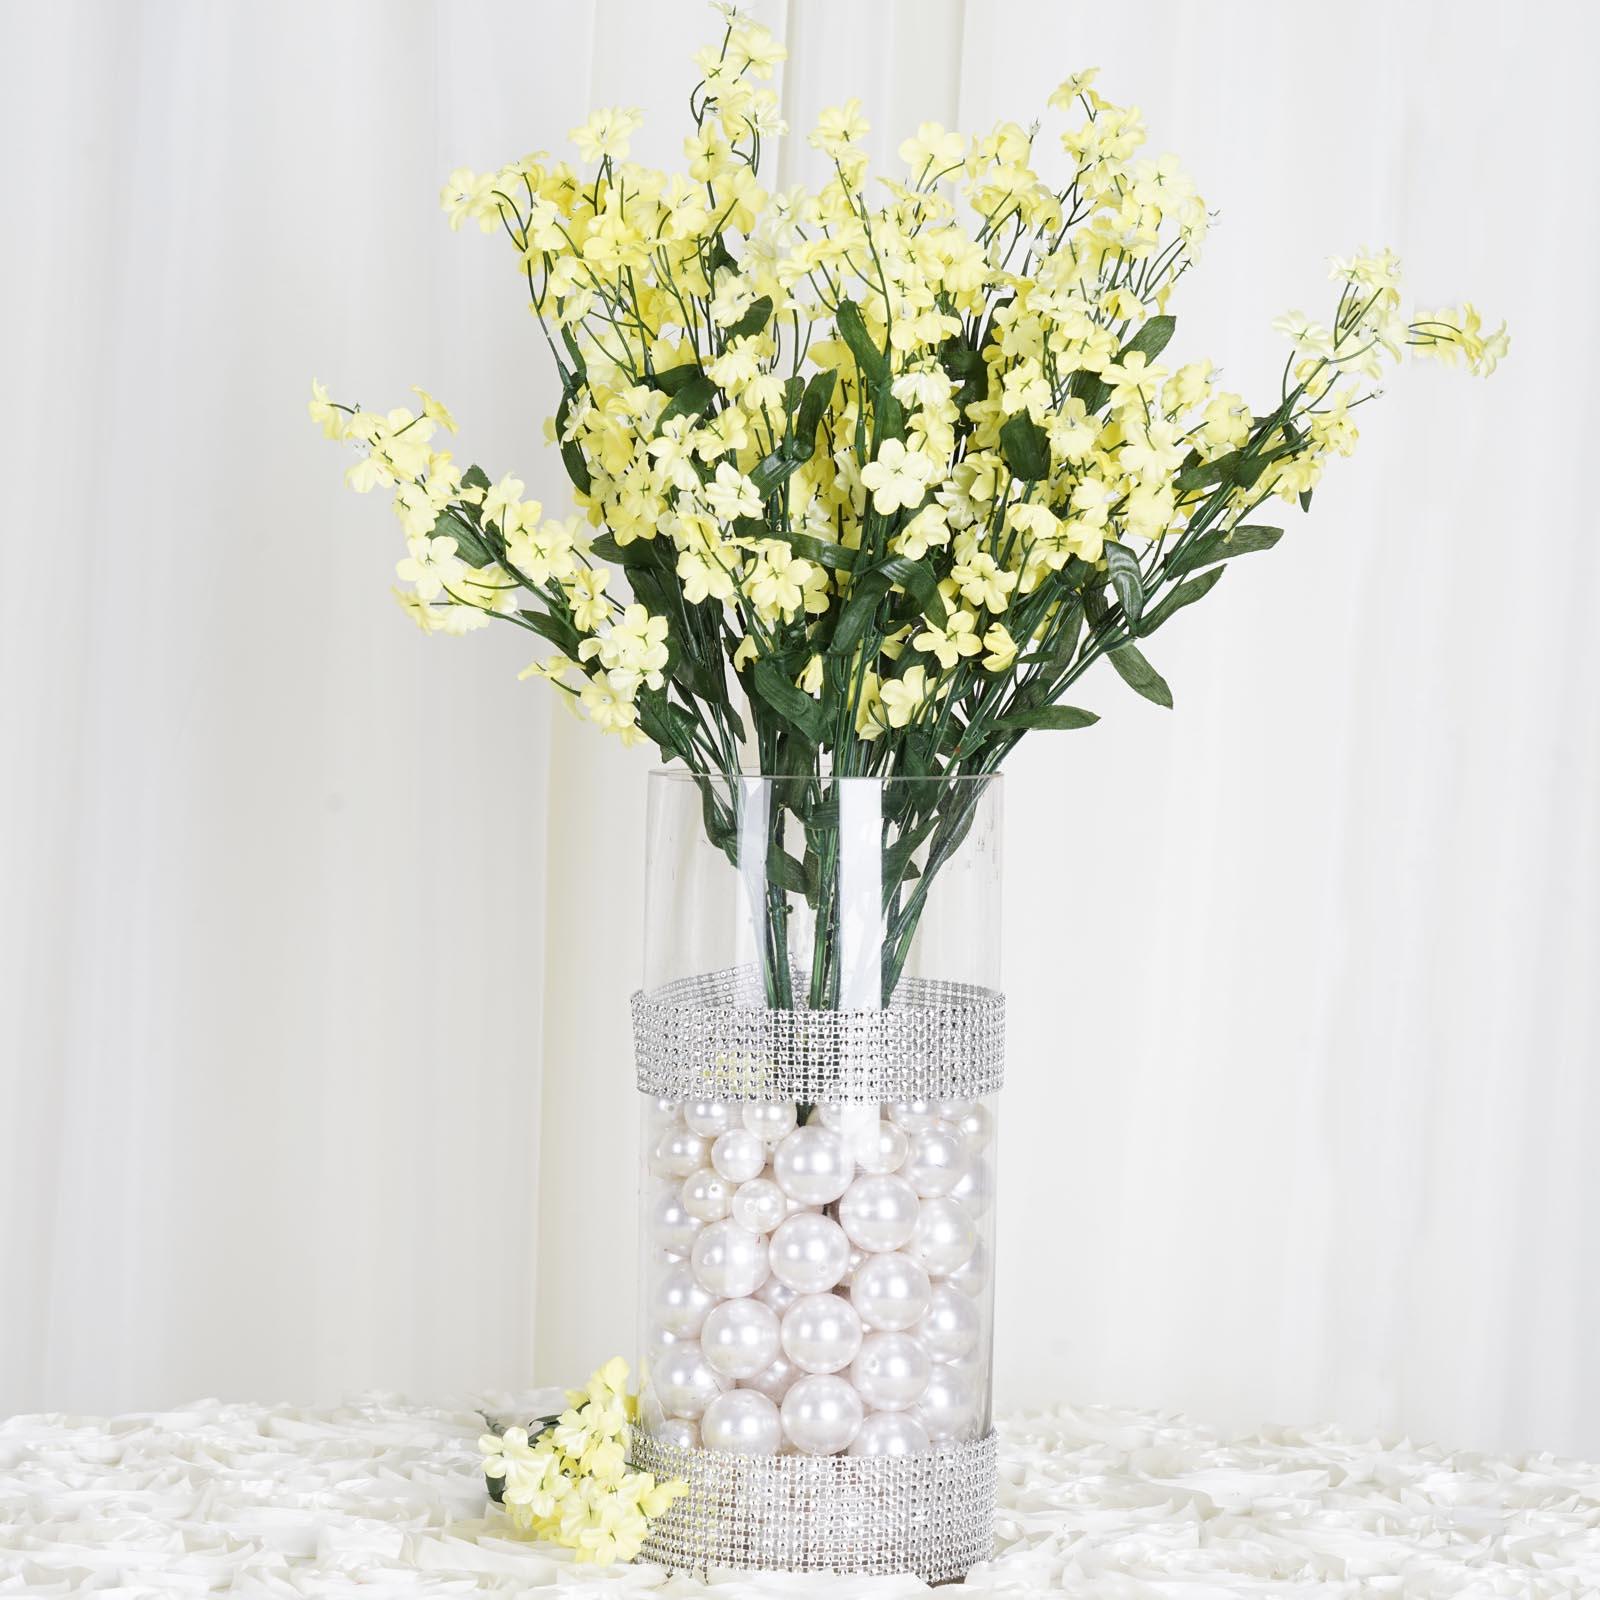 Efavormart 12 bushes BABY BREATH Artificial FILLER FLOWERS for DIY Wedding Bouquets Centerpieces Arrangements Party Home Decoration